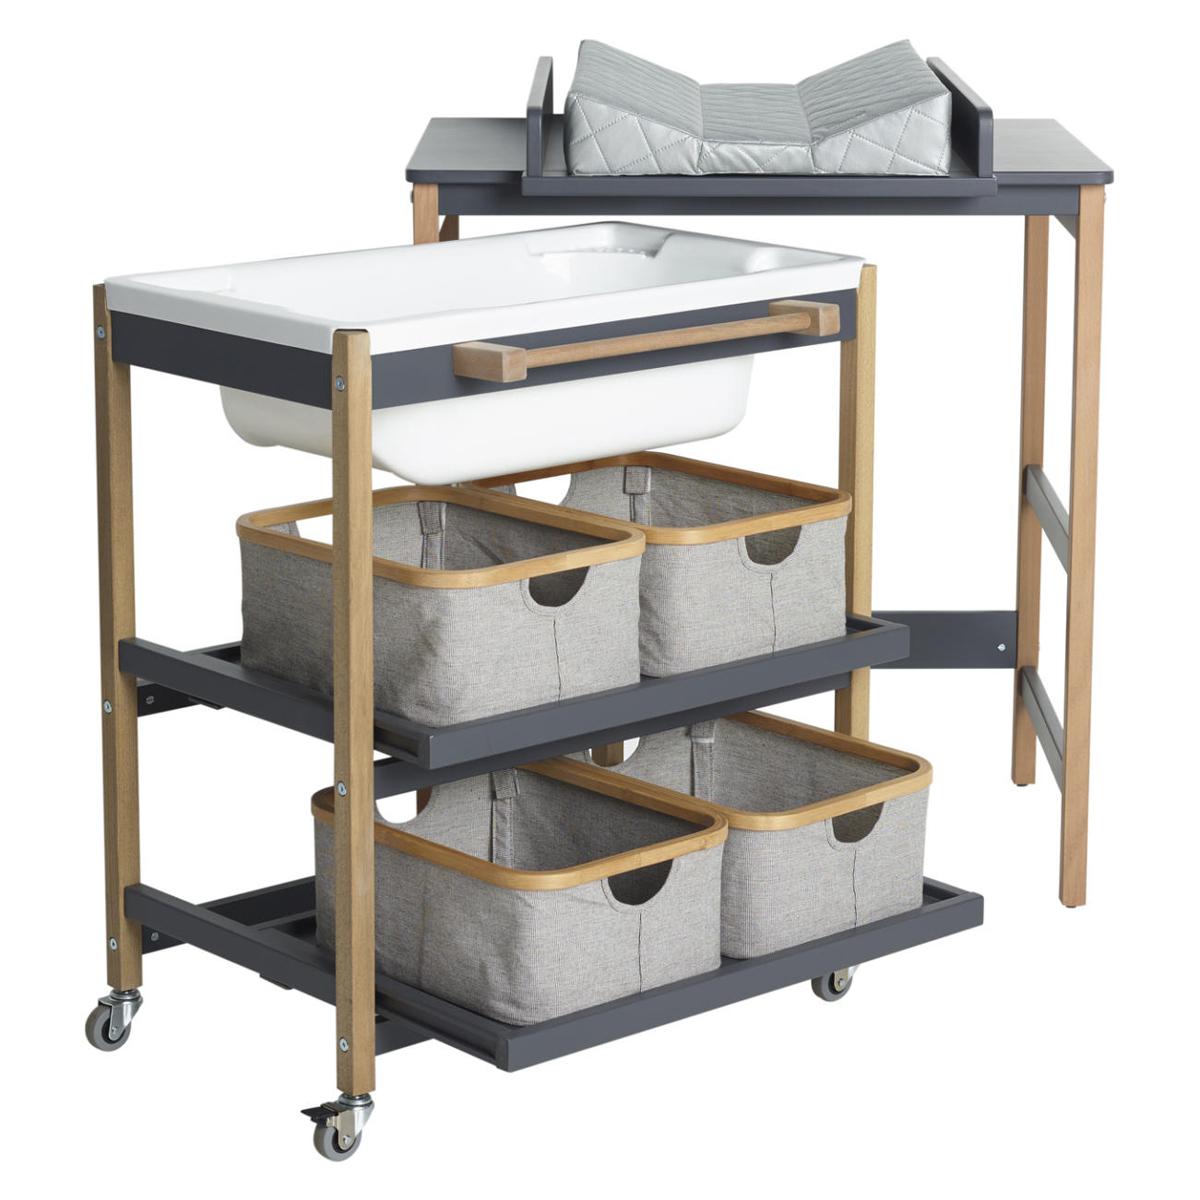 quax meuble de bain smart confort moonshadow et naturel table langer quax sur l 39 armoire de. Black Bedroom Furniture Sets. Home Design Ideas